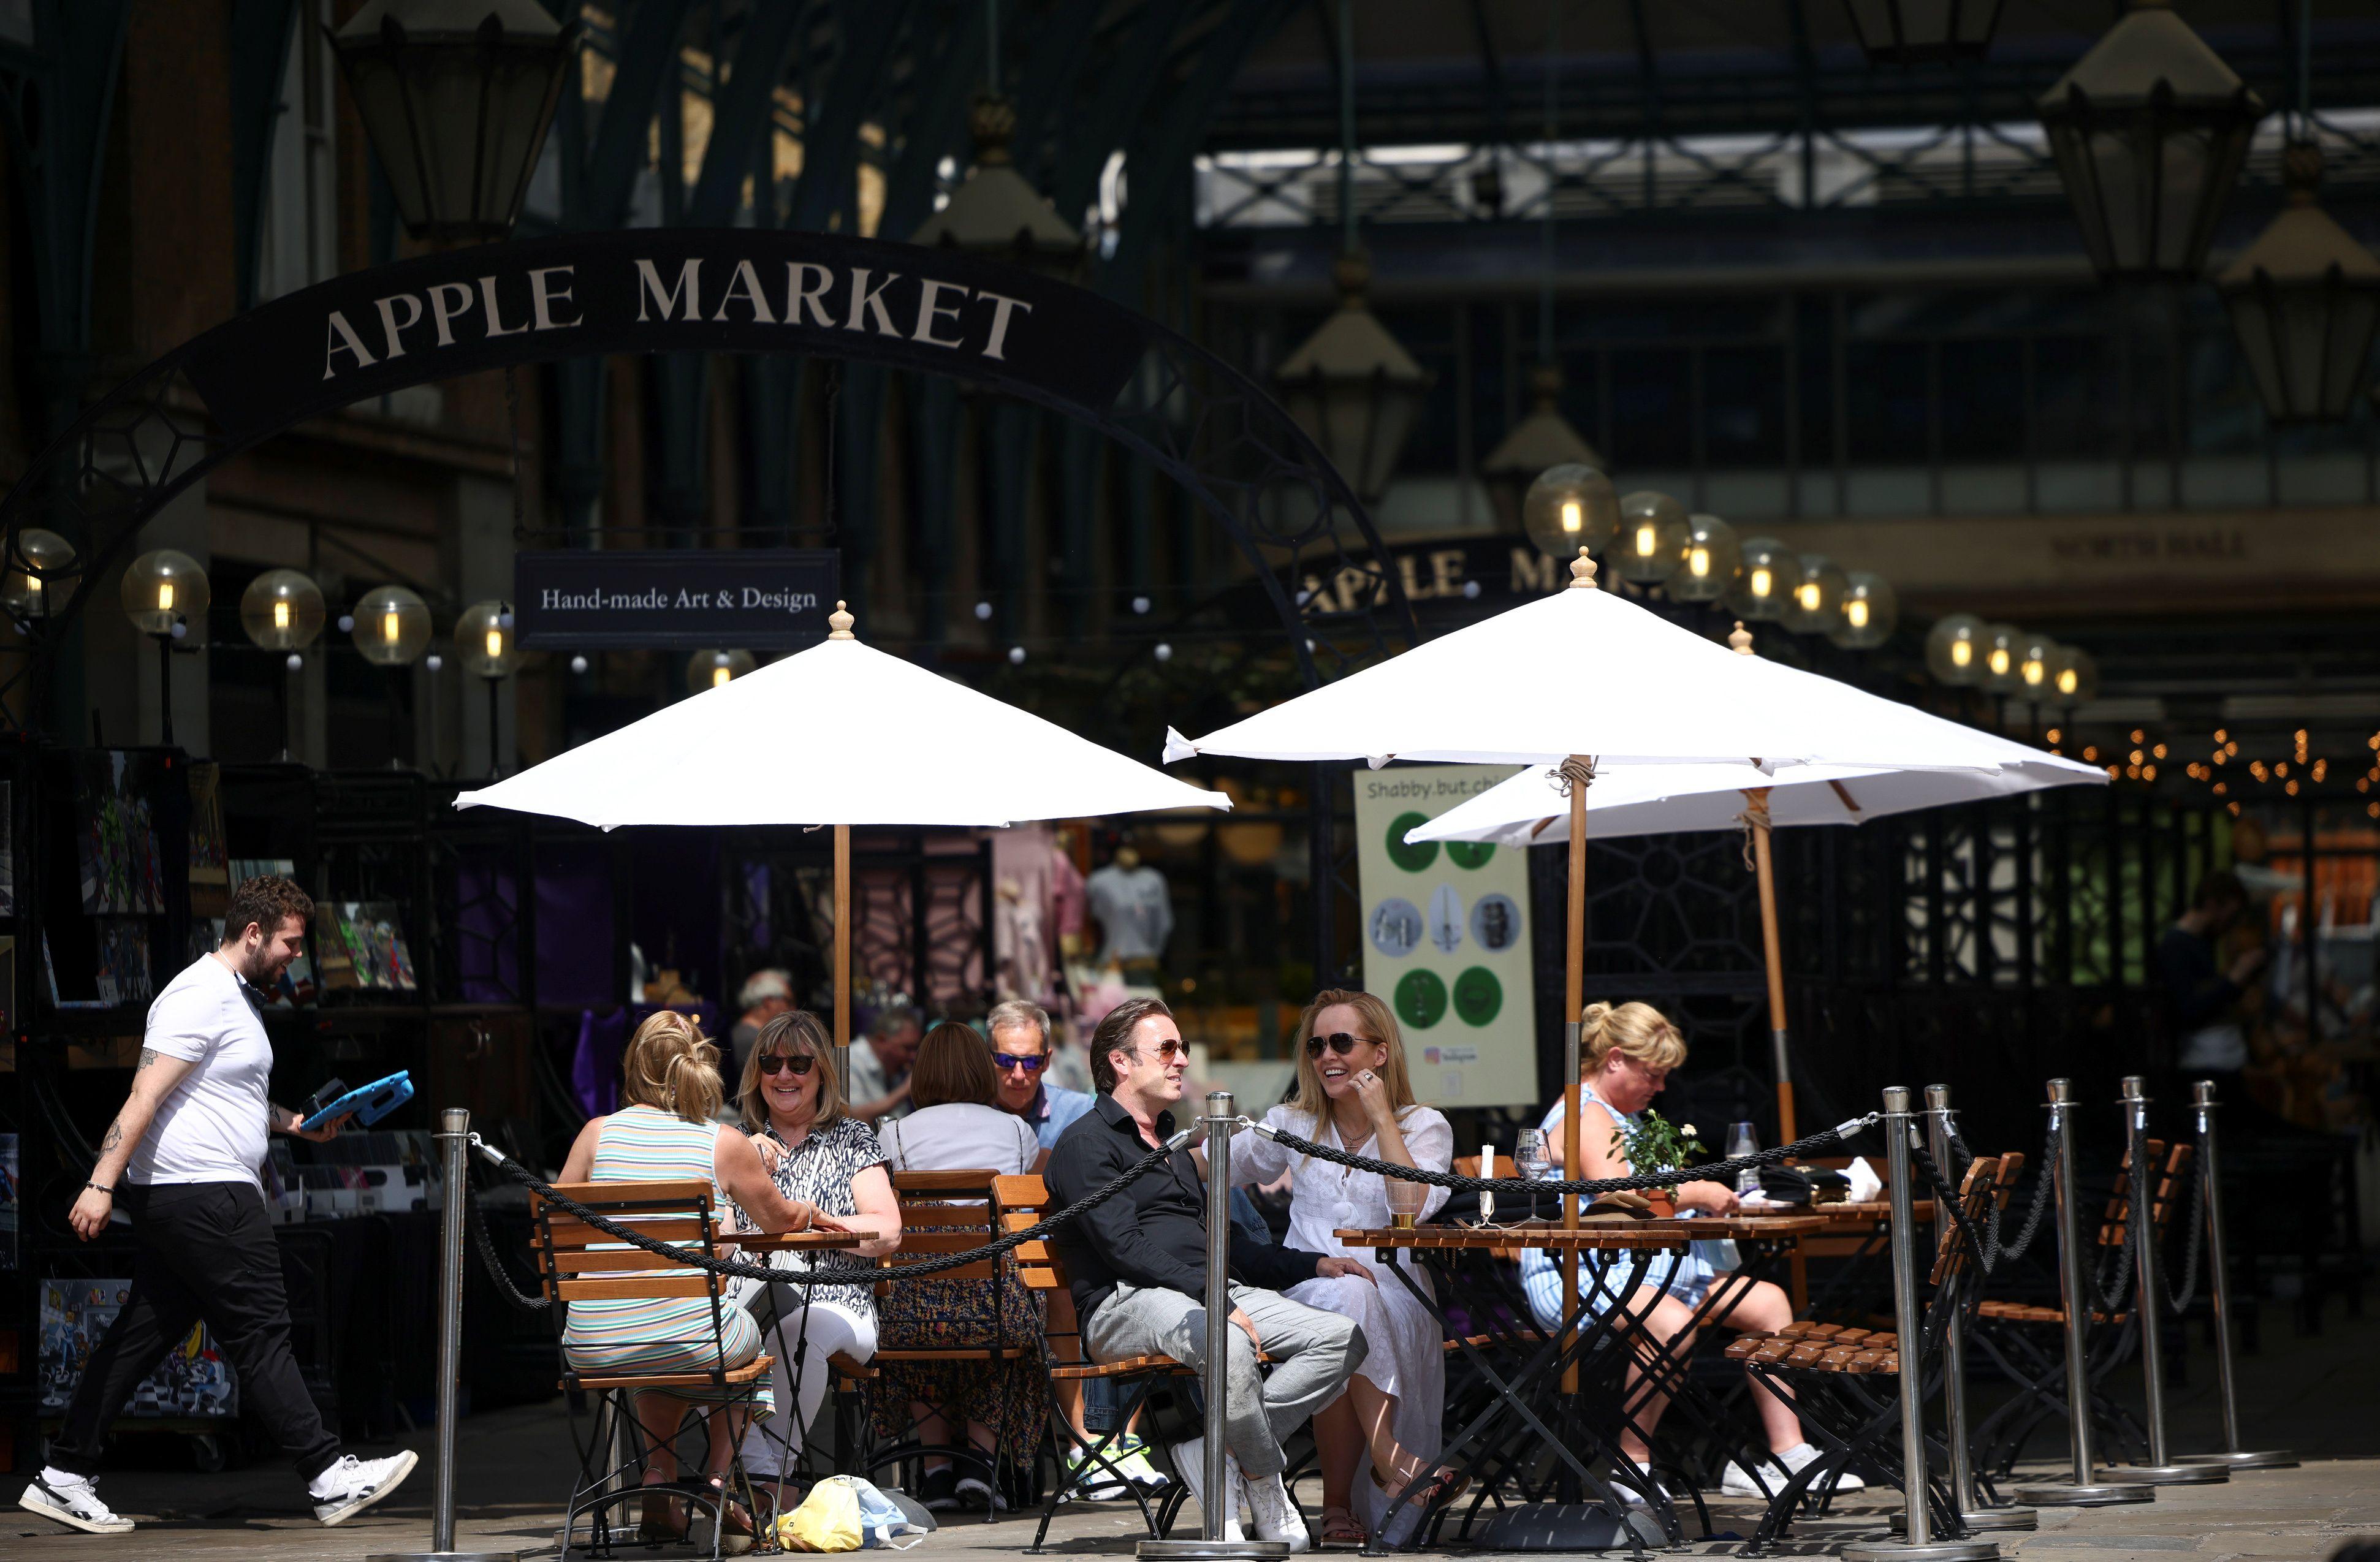 La gente disfruta al aire libre en Covent Garden, en Londres, Gran Bretaña, el 15 de junio de 2021. REUTERS / Henry Nicholls